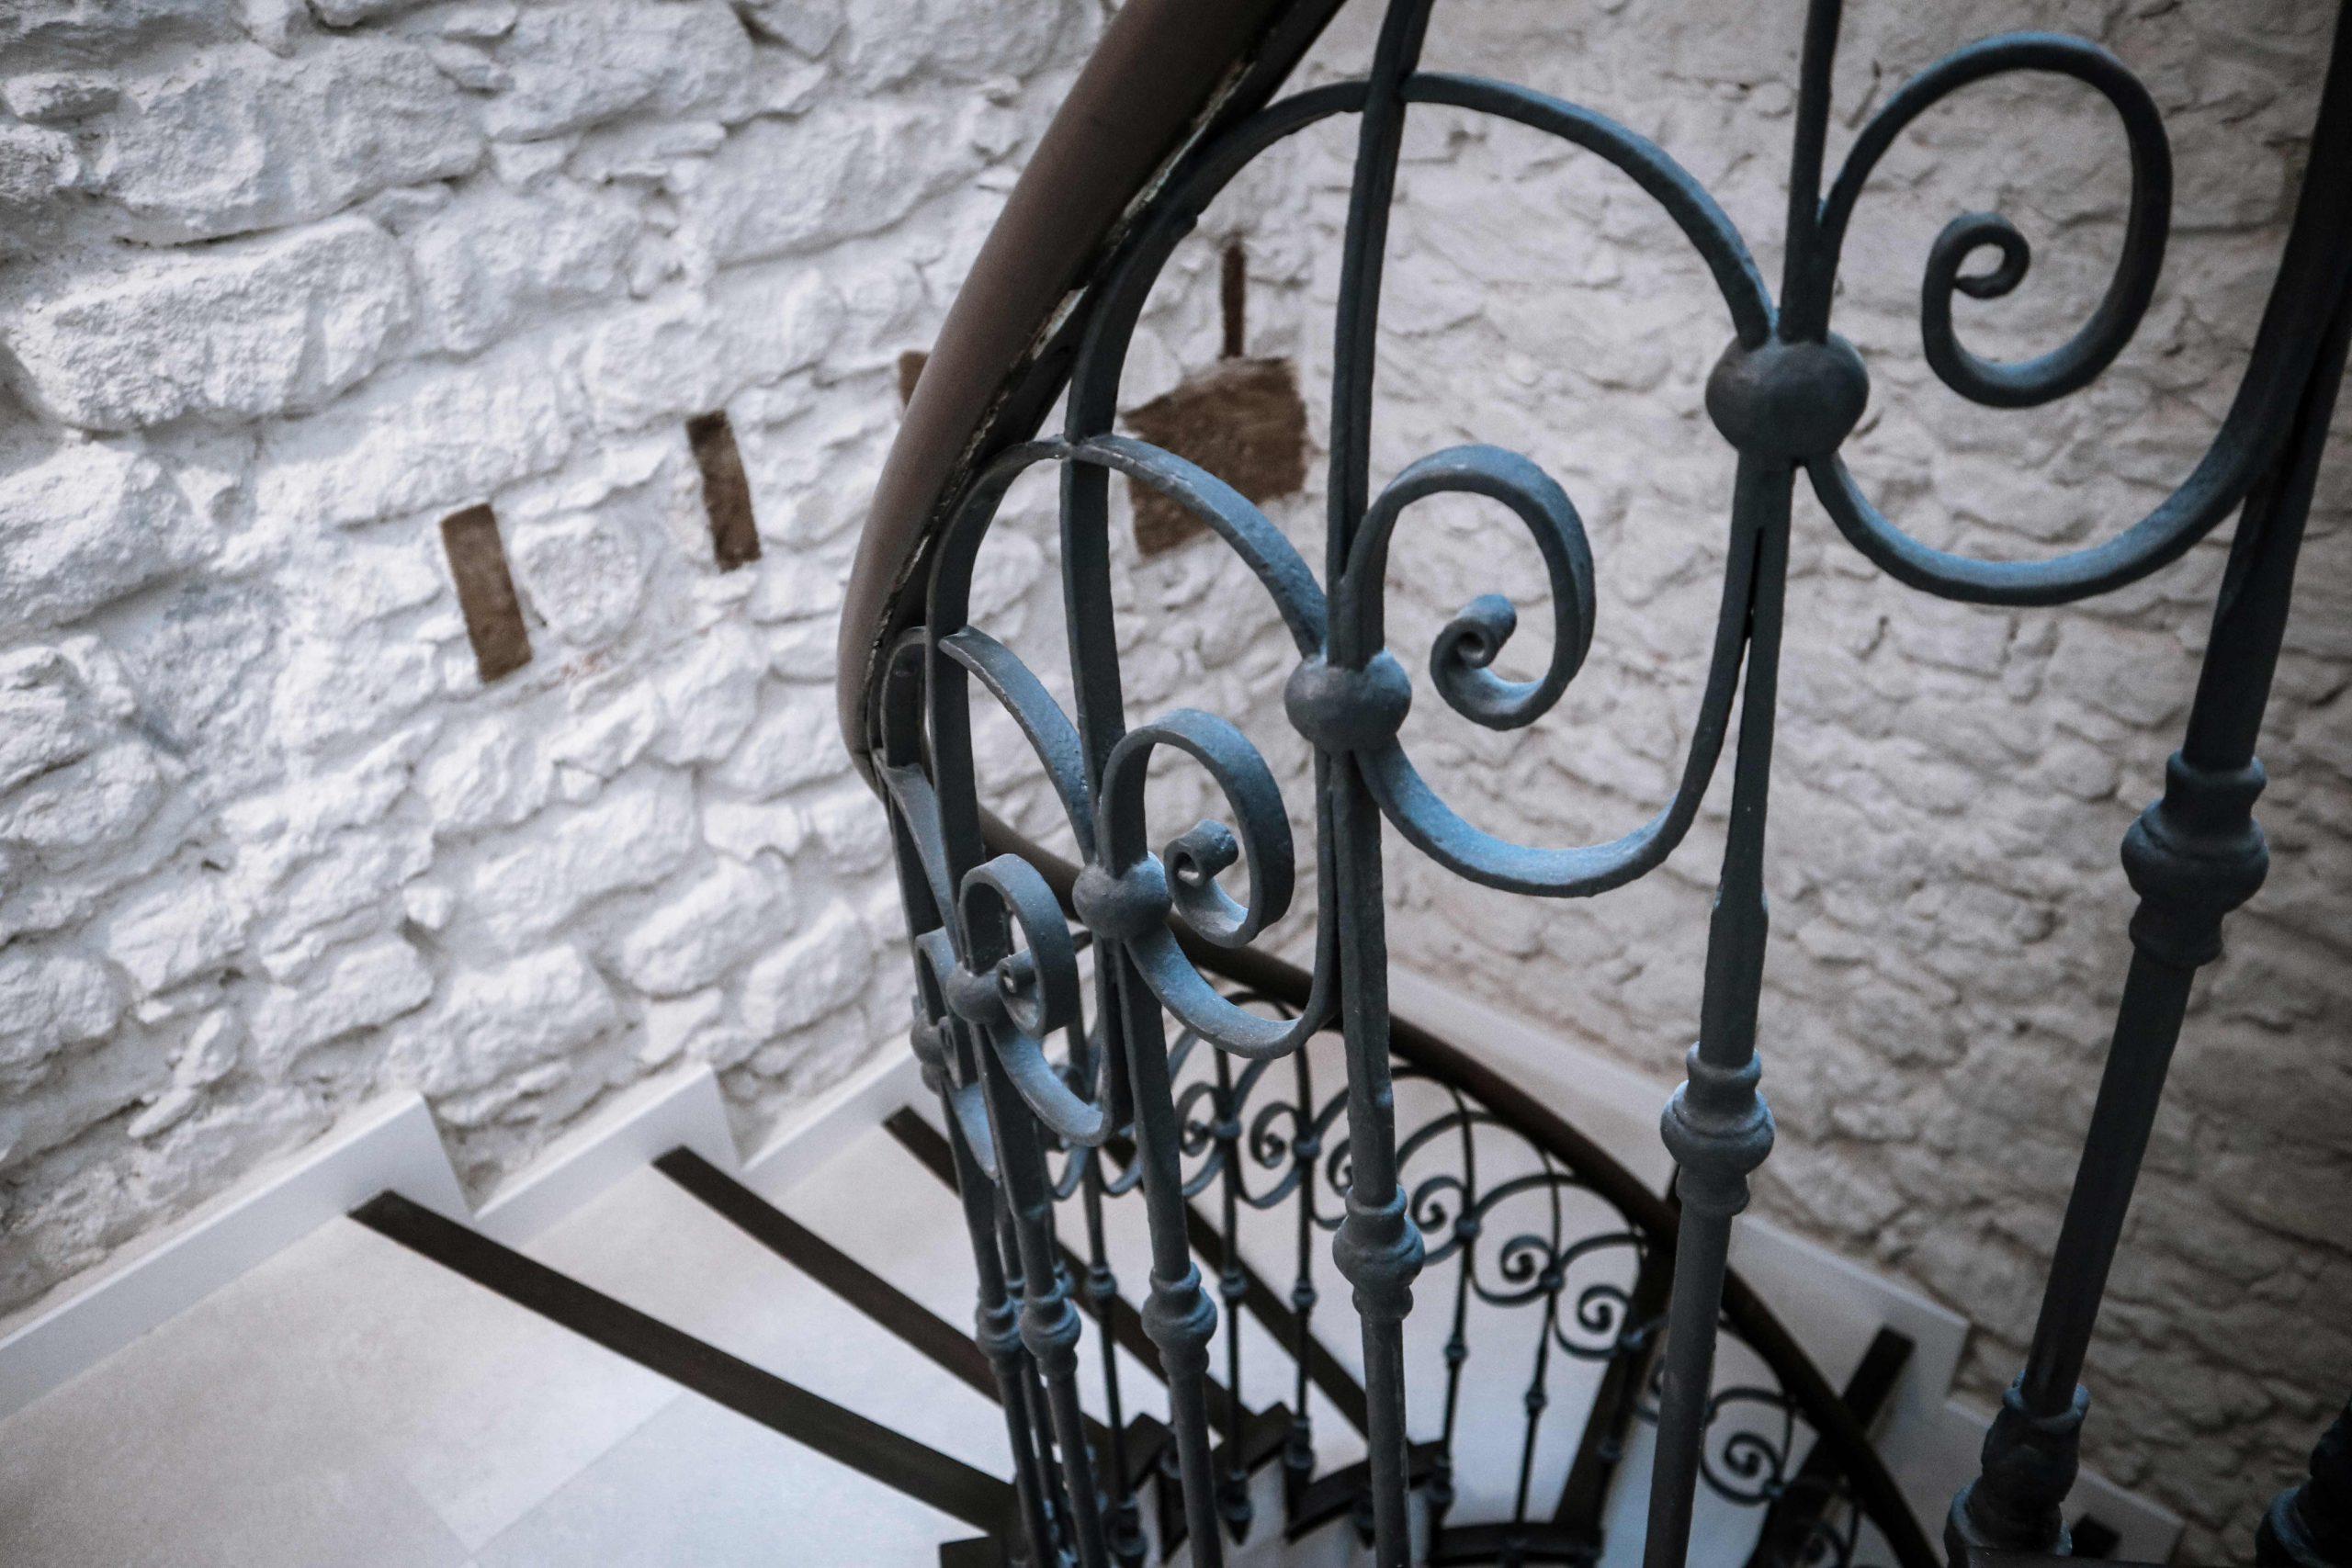 Vista detalle escalera helicoidal de Labradores 24 con el muro de piedra en el fondo